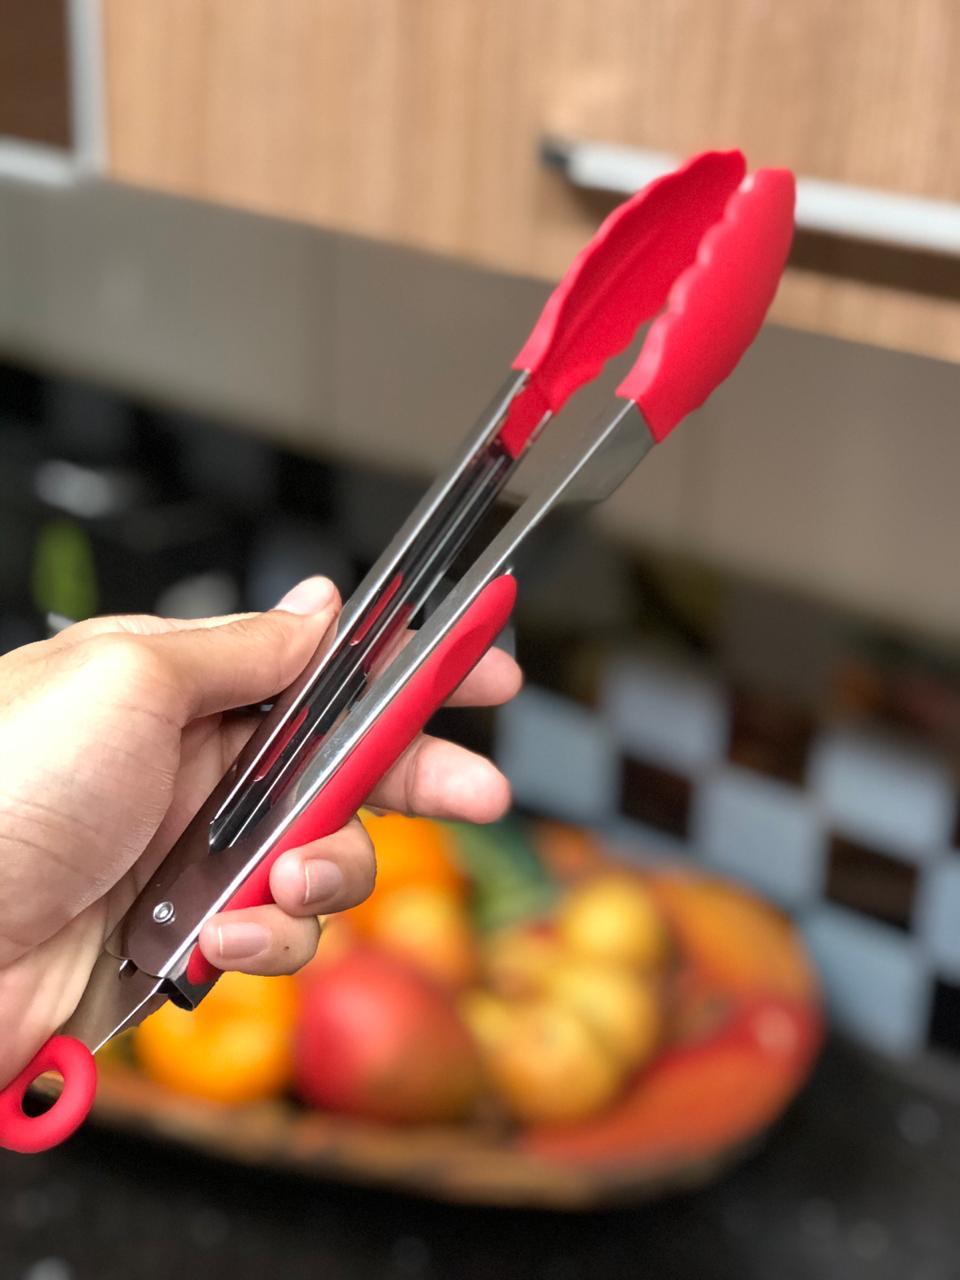 Pegador silicone carne churrasco salada cozinha pinça culinaria 26cm Vermelho livre de bpa